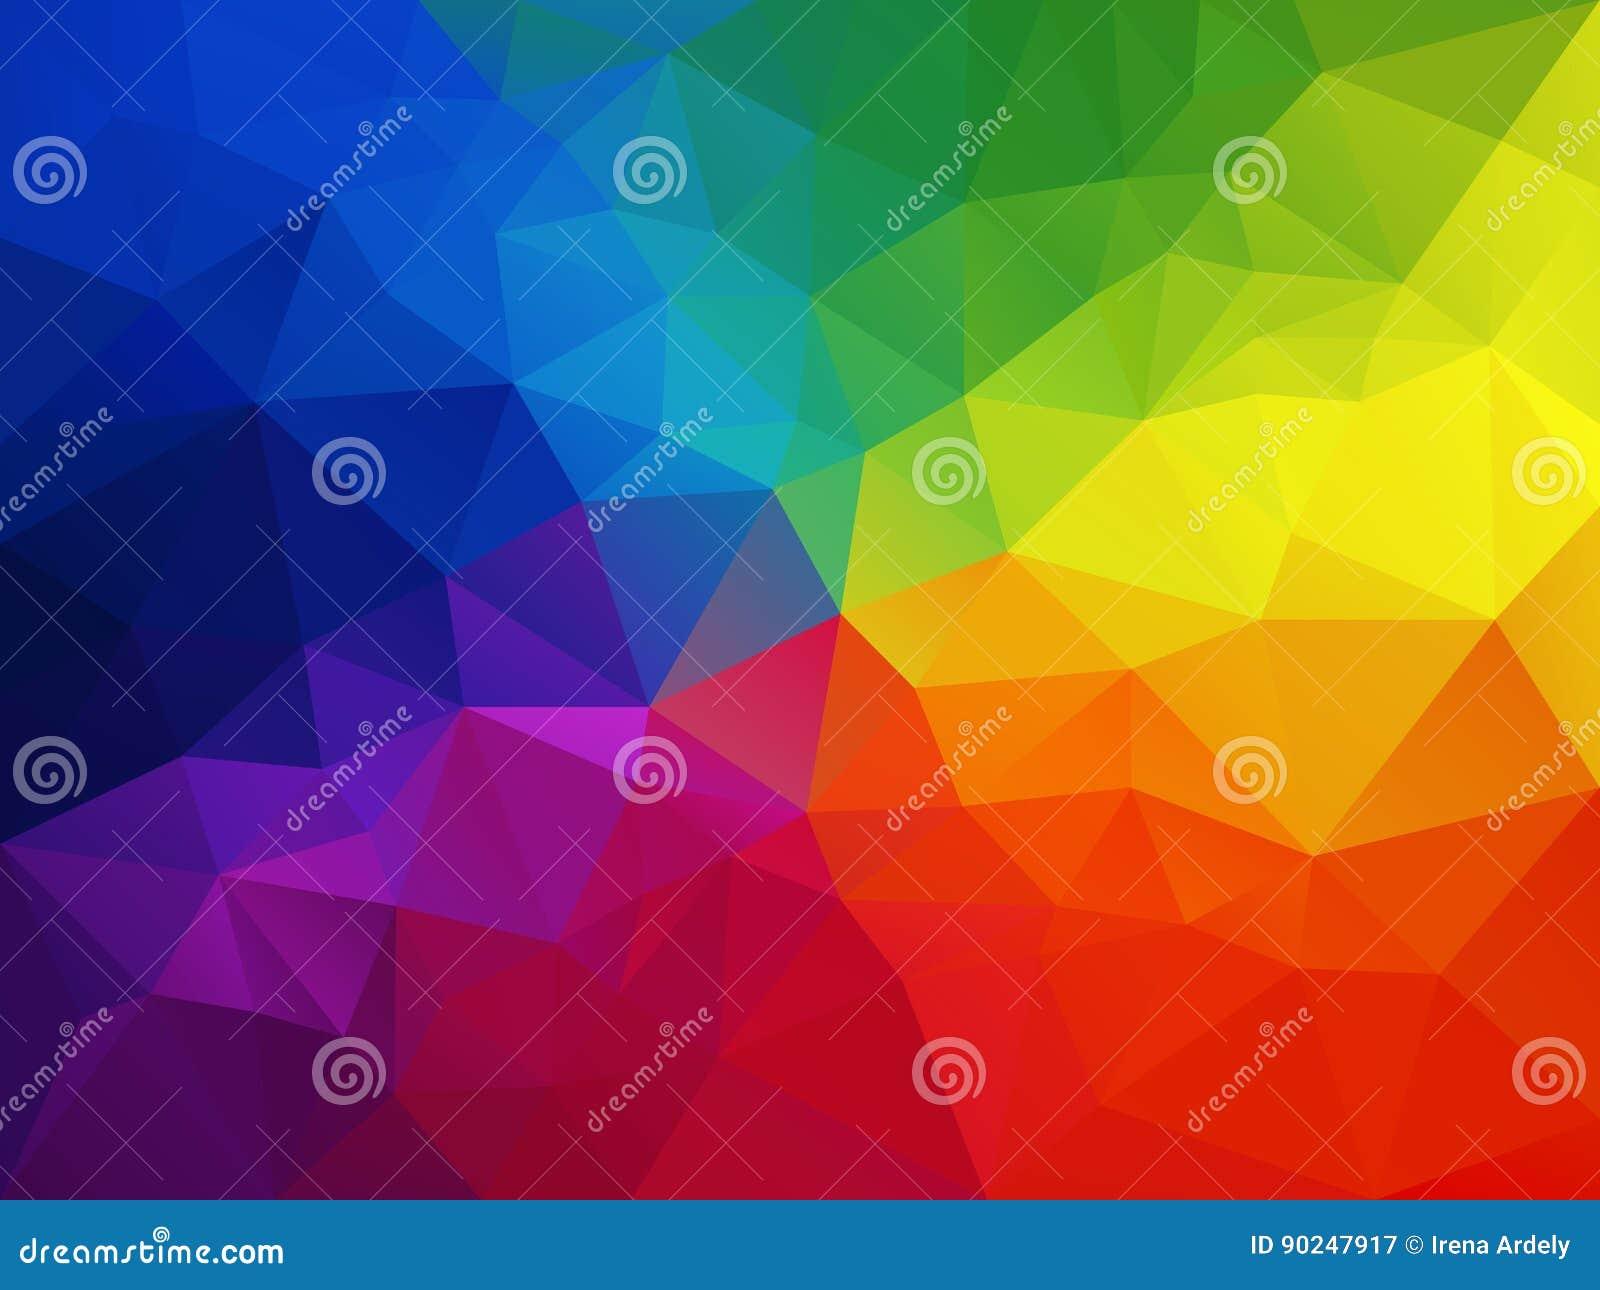 Vector el fondo abstracto del polígono con un modelo en multicolor - espectro colorido del triángulo del arco iris